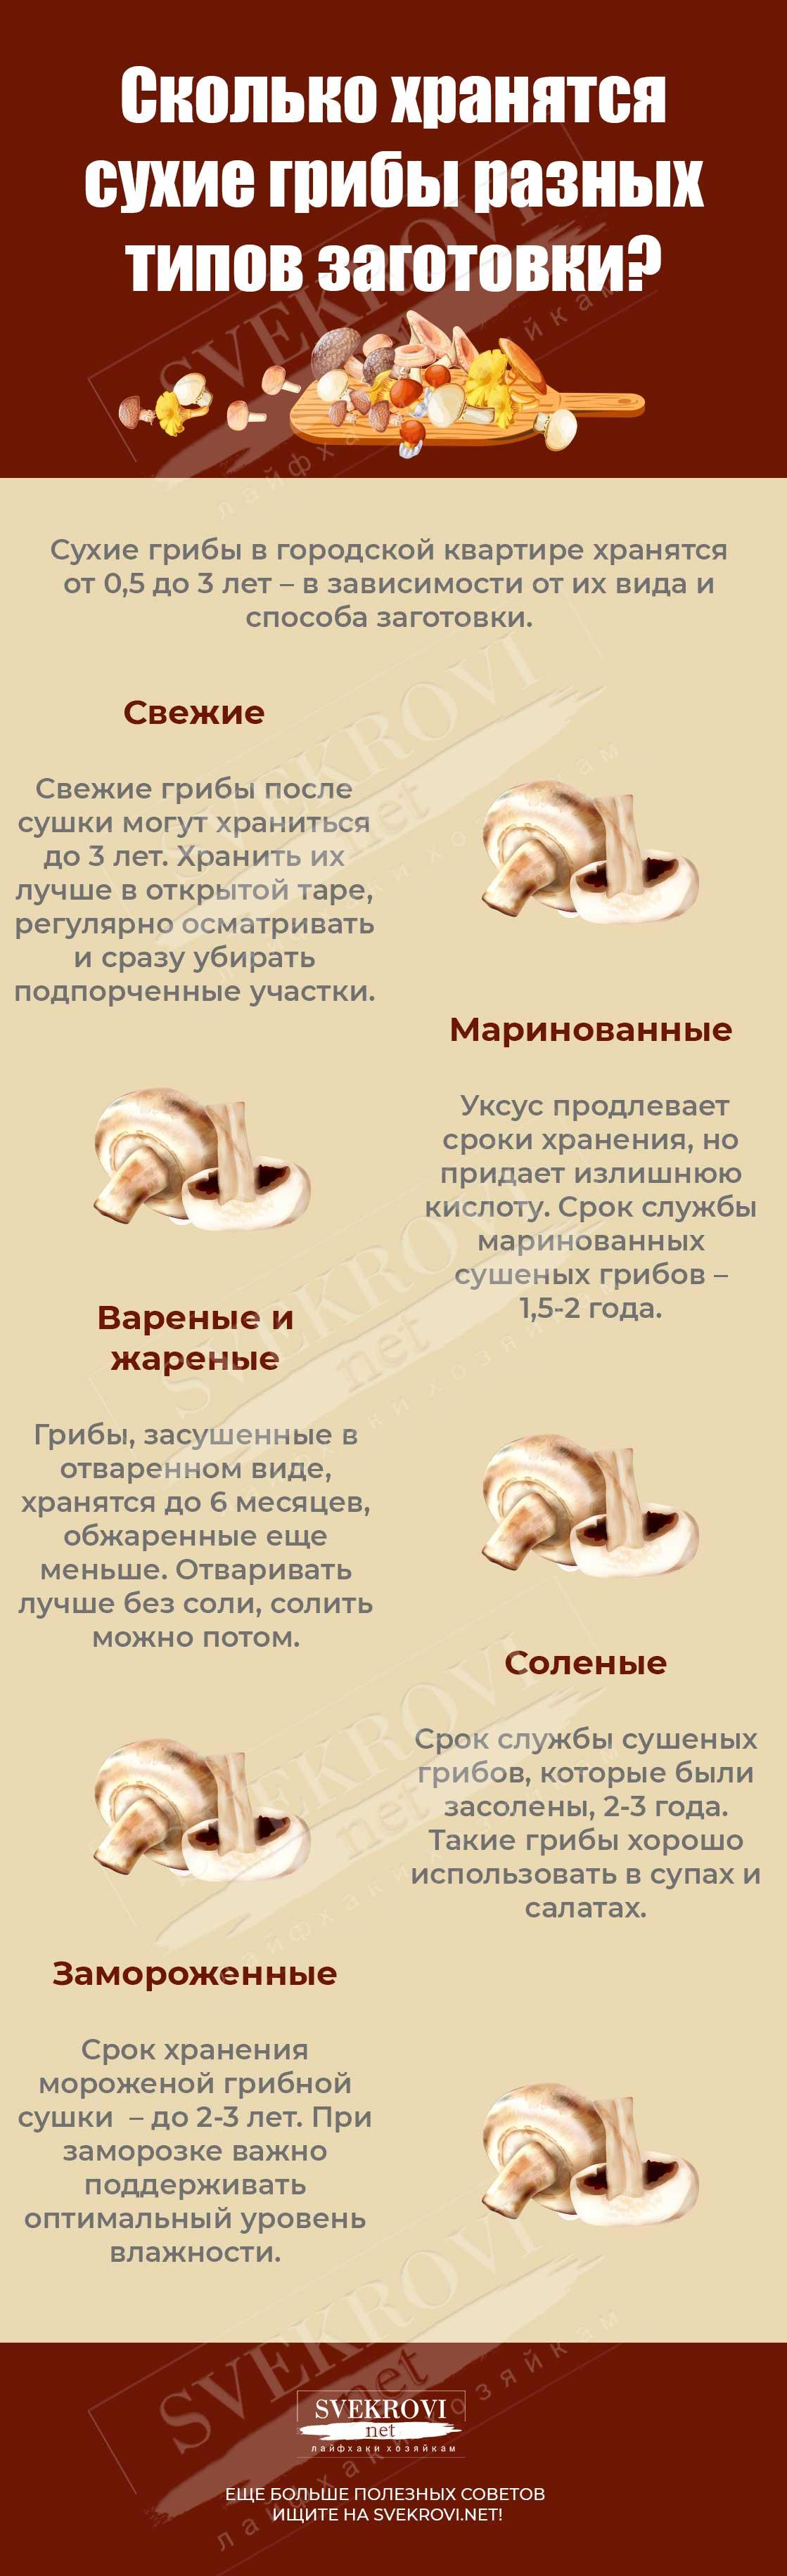 Хранение грибов длительное время